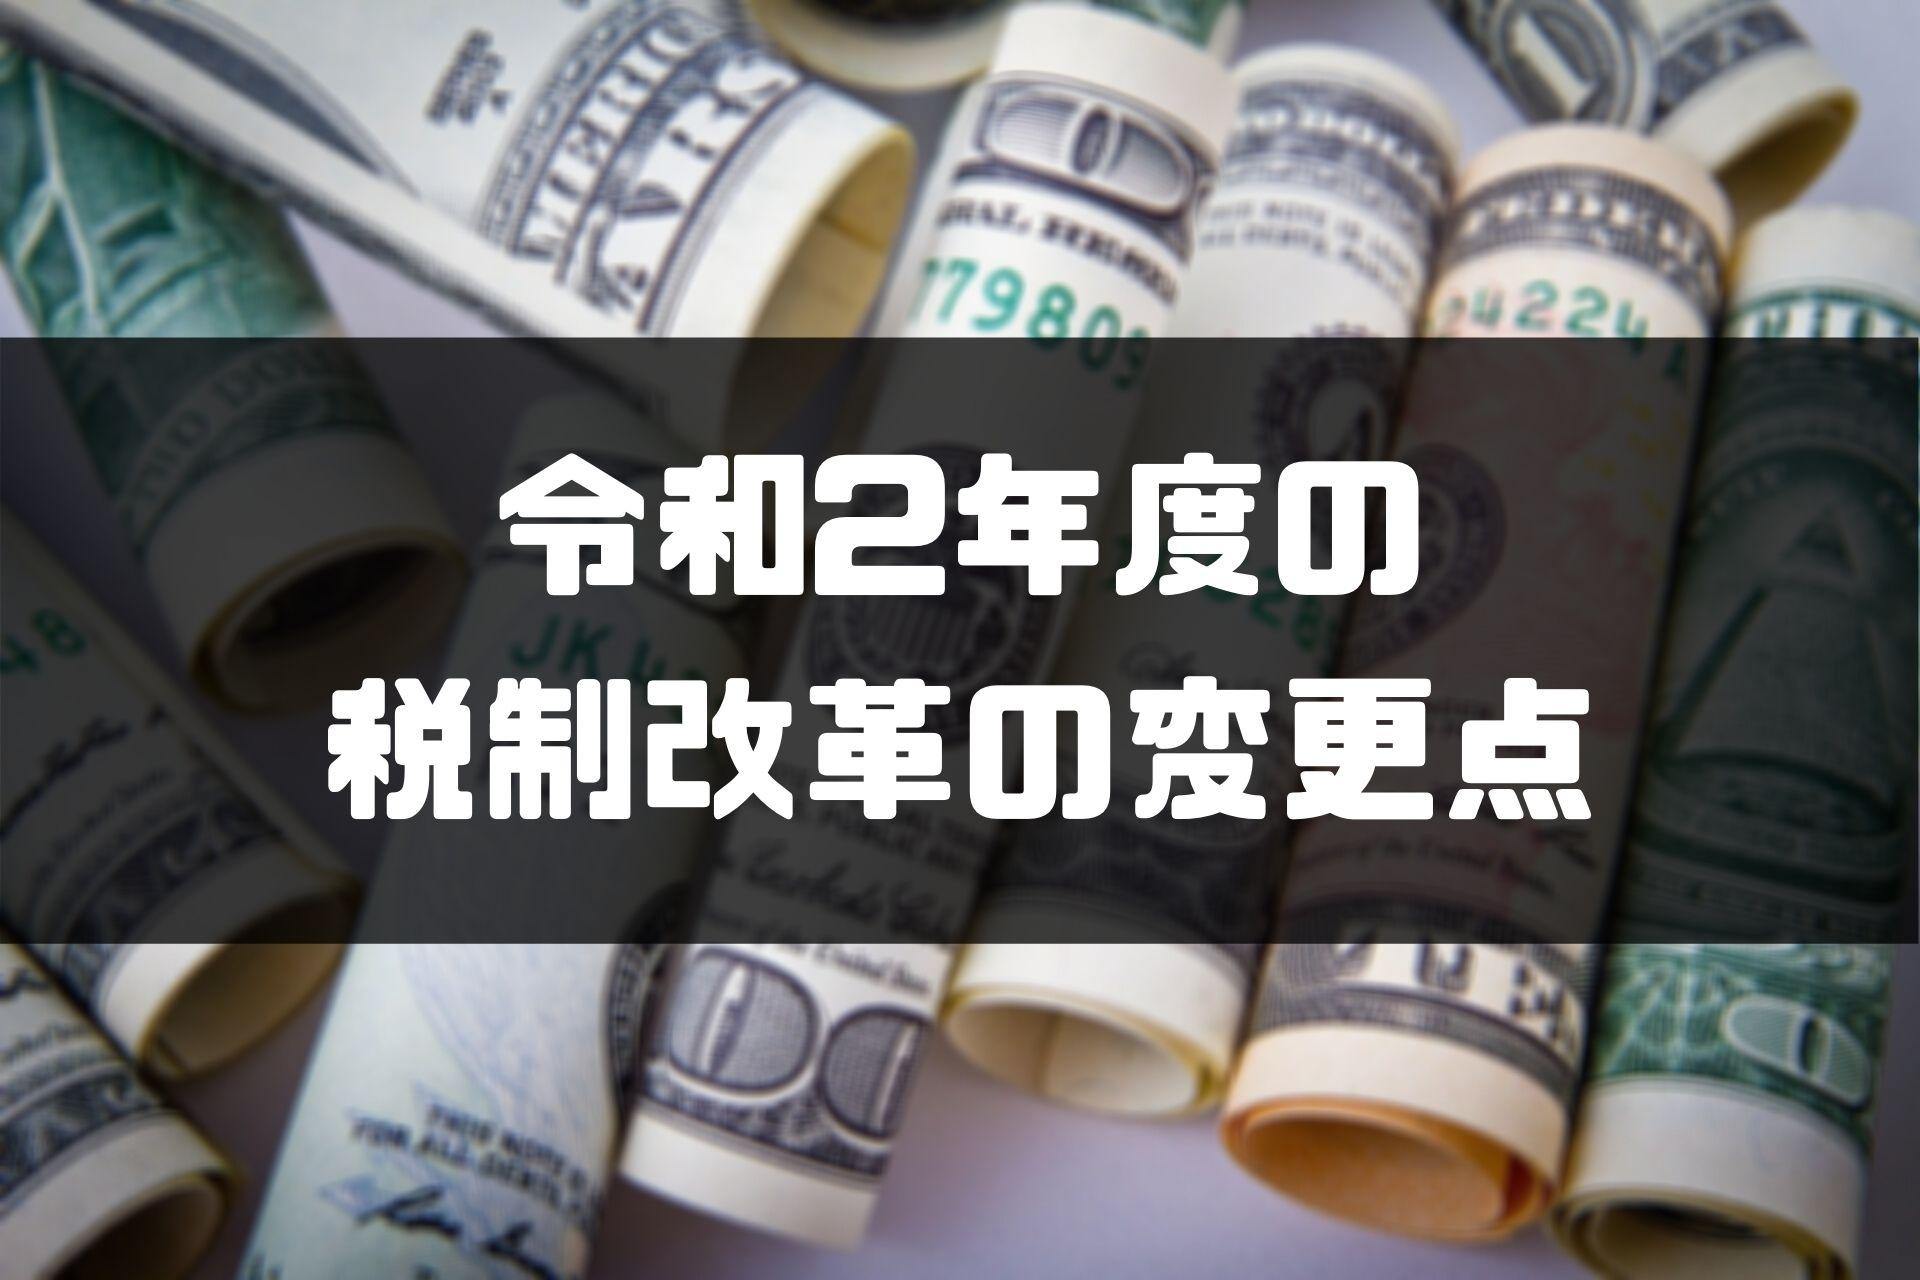 FX税金_税制改革_変更点